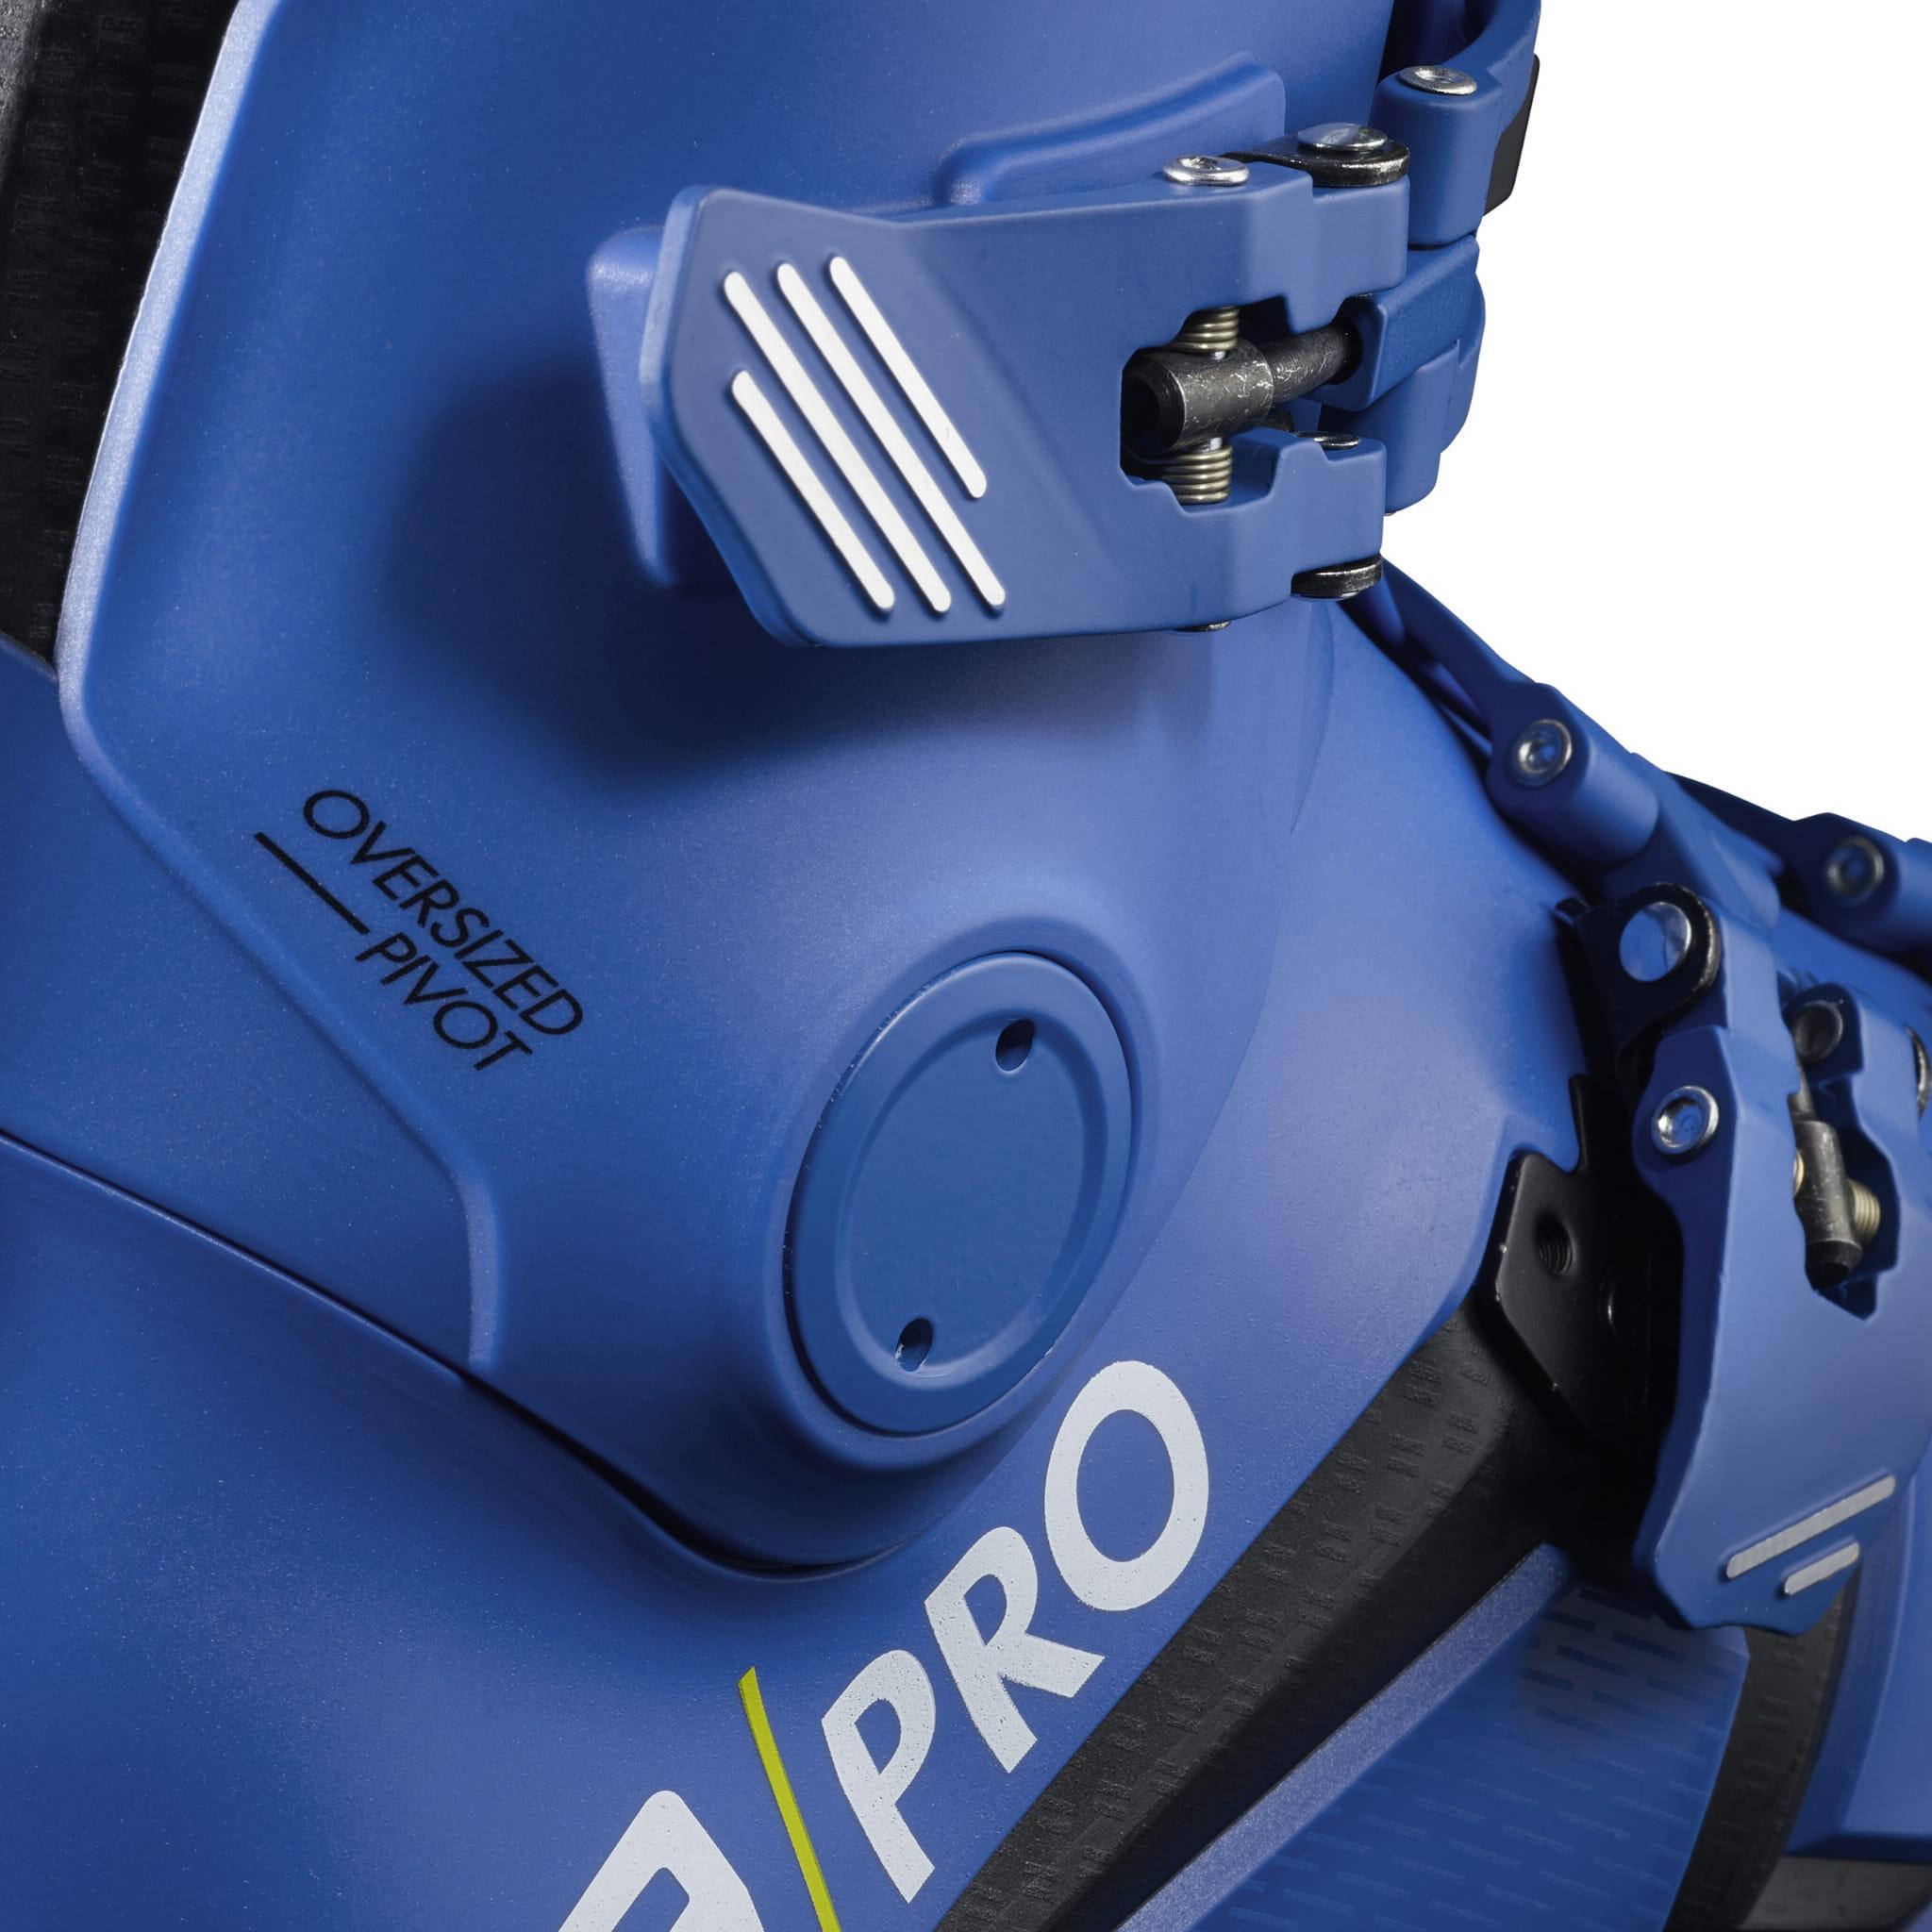 Buty Salomon SPRO 130 Bootfitter Friendly RACE 2020